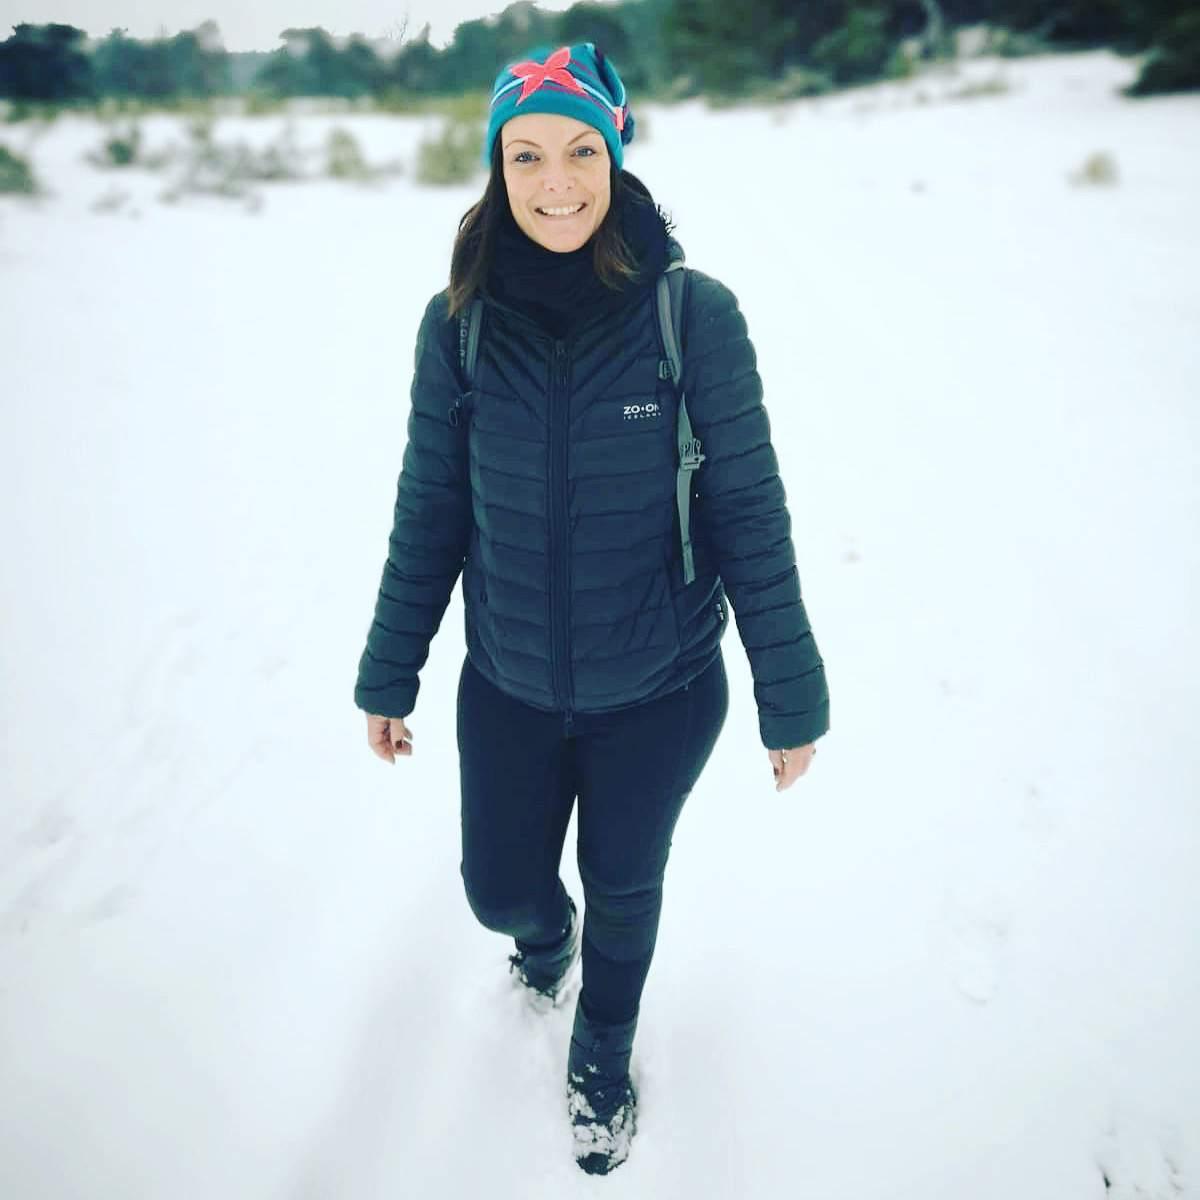 micro avontuur in de winter